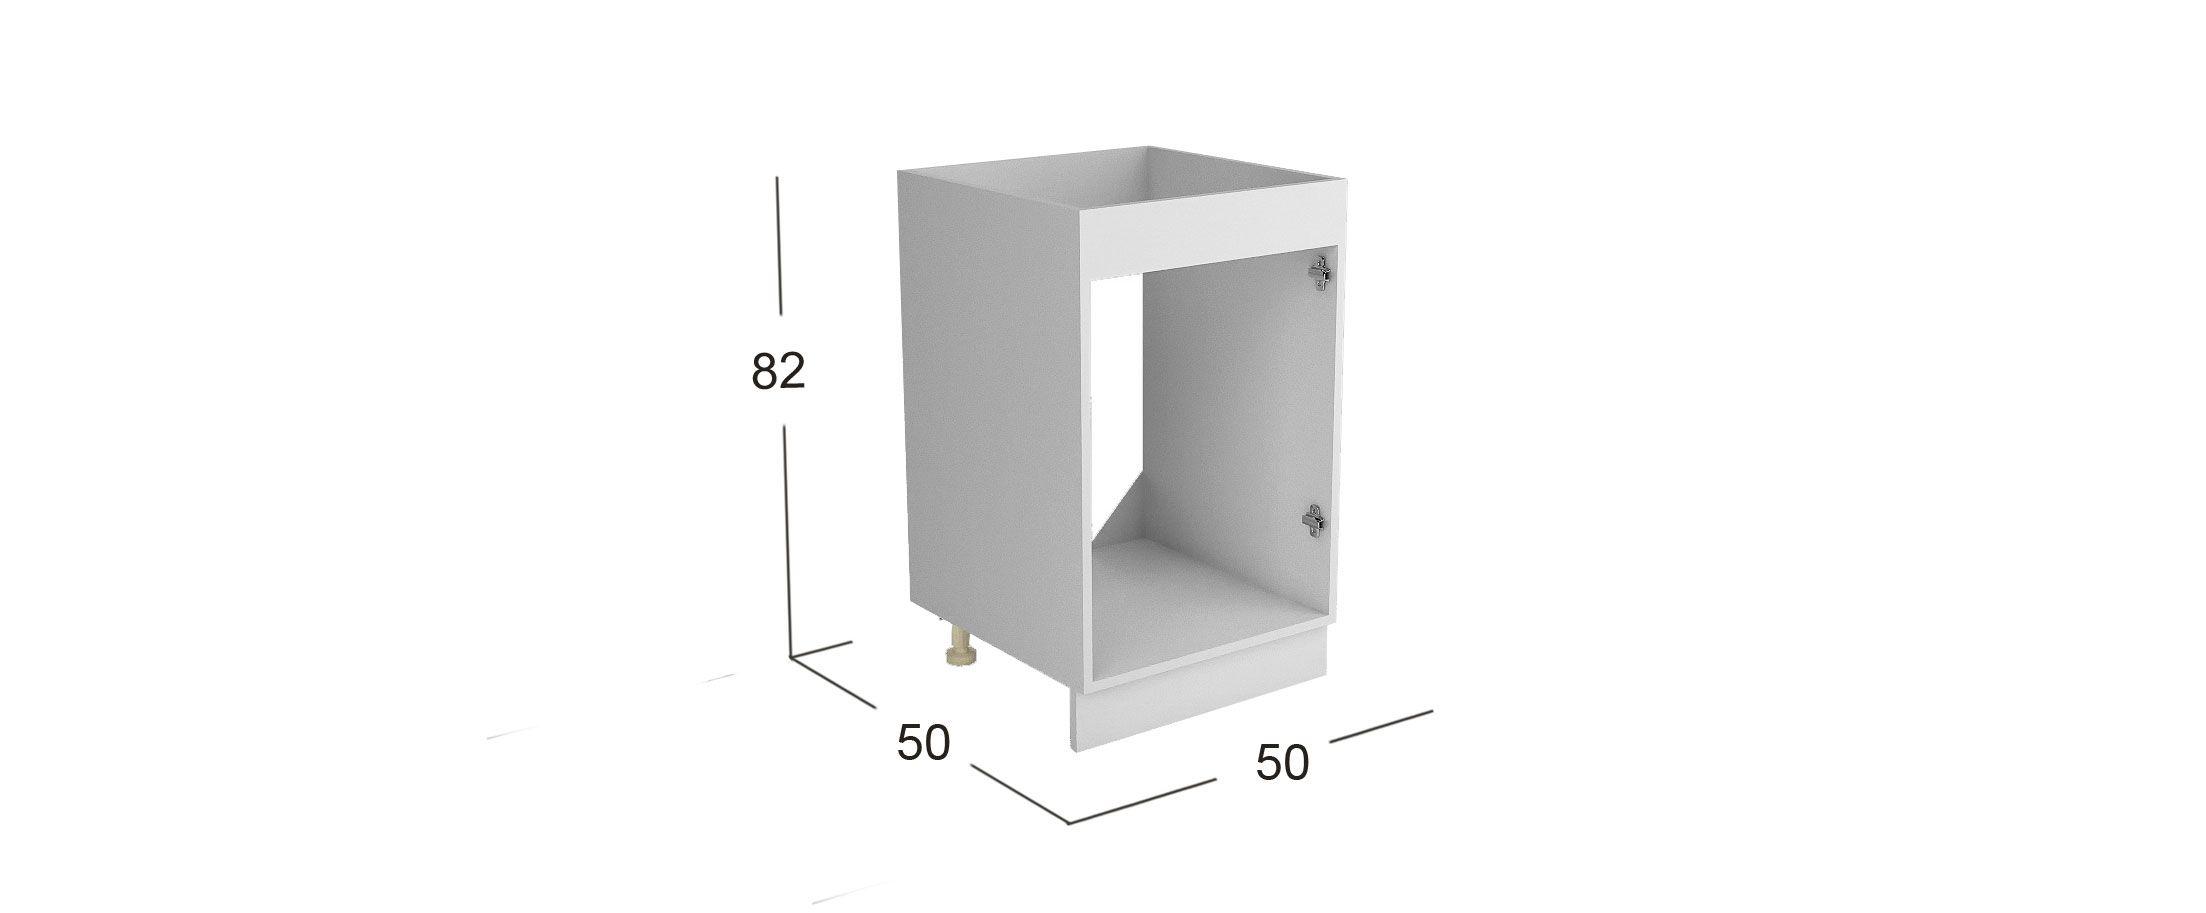 Кухня Баклажан 1,7 мКупить удобный и практичный набор кухонного гарнитура в интернет магазине MOON TRADE. Быстрая доставка, вынос упаковки, гарантия! Выгодная покупка!<br><br>Ширина см: 170<br>Глубина см: 60<br>Высота см: 82<br>Материал столешницы: ЛДСП с пленкой ПВХ<br>Цвет столешницы: Асфальт белый<br>Материал фасада: МДФ<br>Цвет фасада: Баклажан, Ваниль глянец<br>Материал корпуса: ЛДСП<br>Тип направляющих: Роликовые<br>Цвет корпуса: Белый